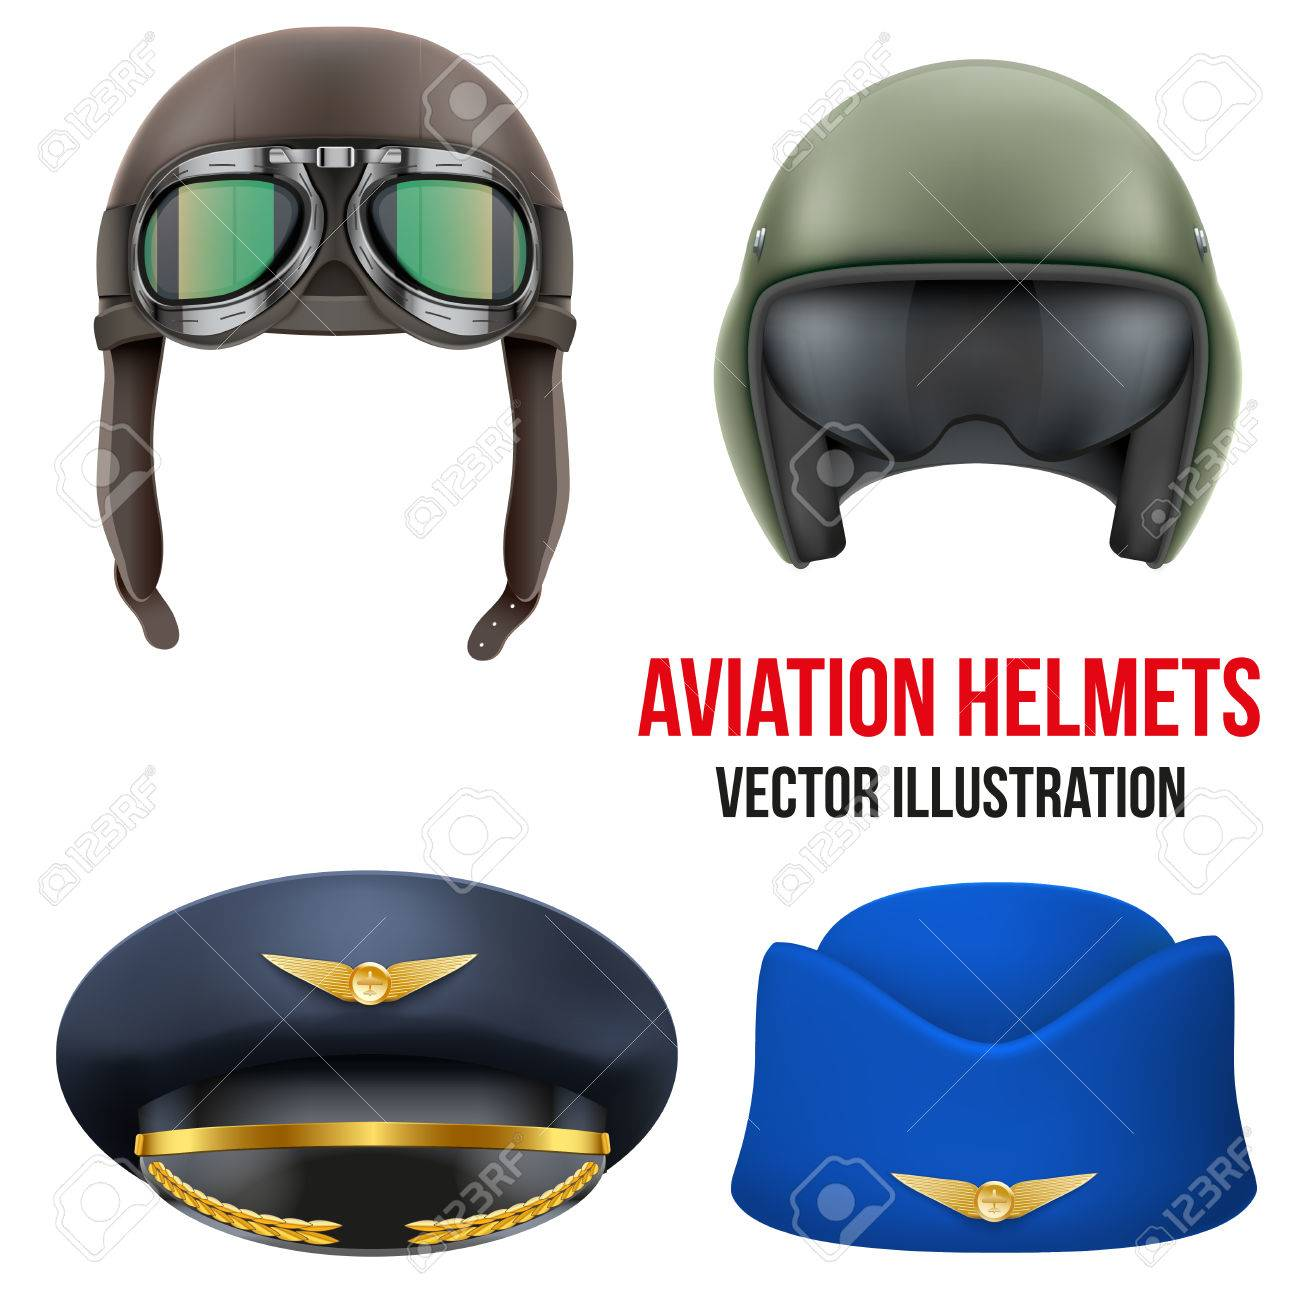 Banque d images - Rétro cuir casque aviateur pilote avec des lunettes.  Objet Vintage. Illustration vectorielle. Isolé sur blanc 1e77ade49afc